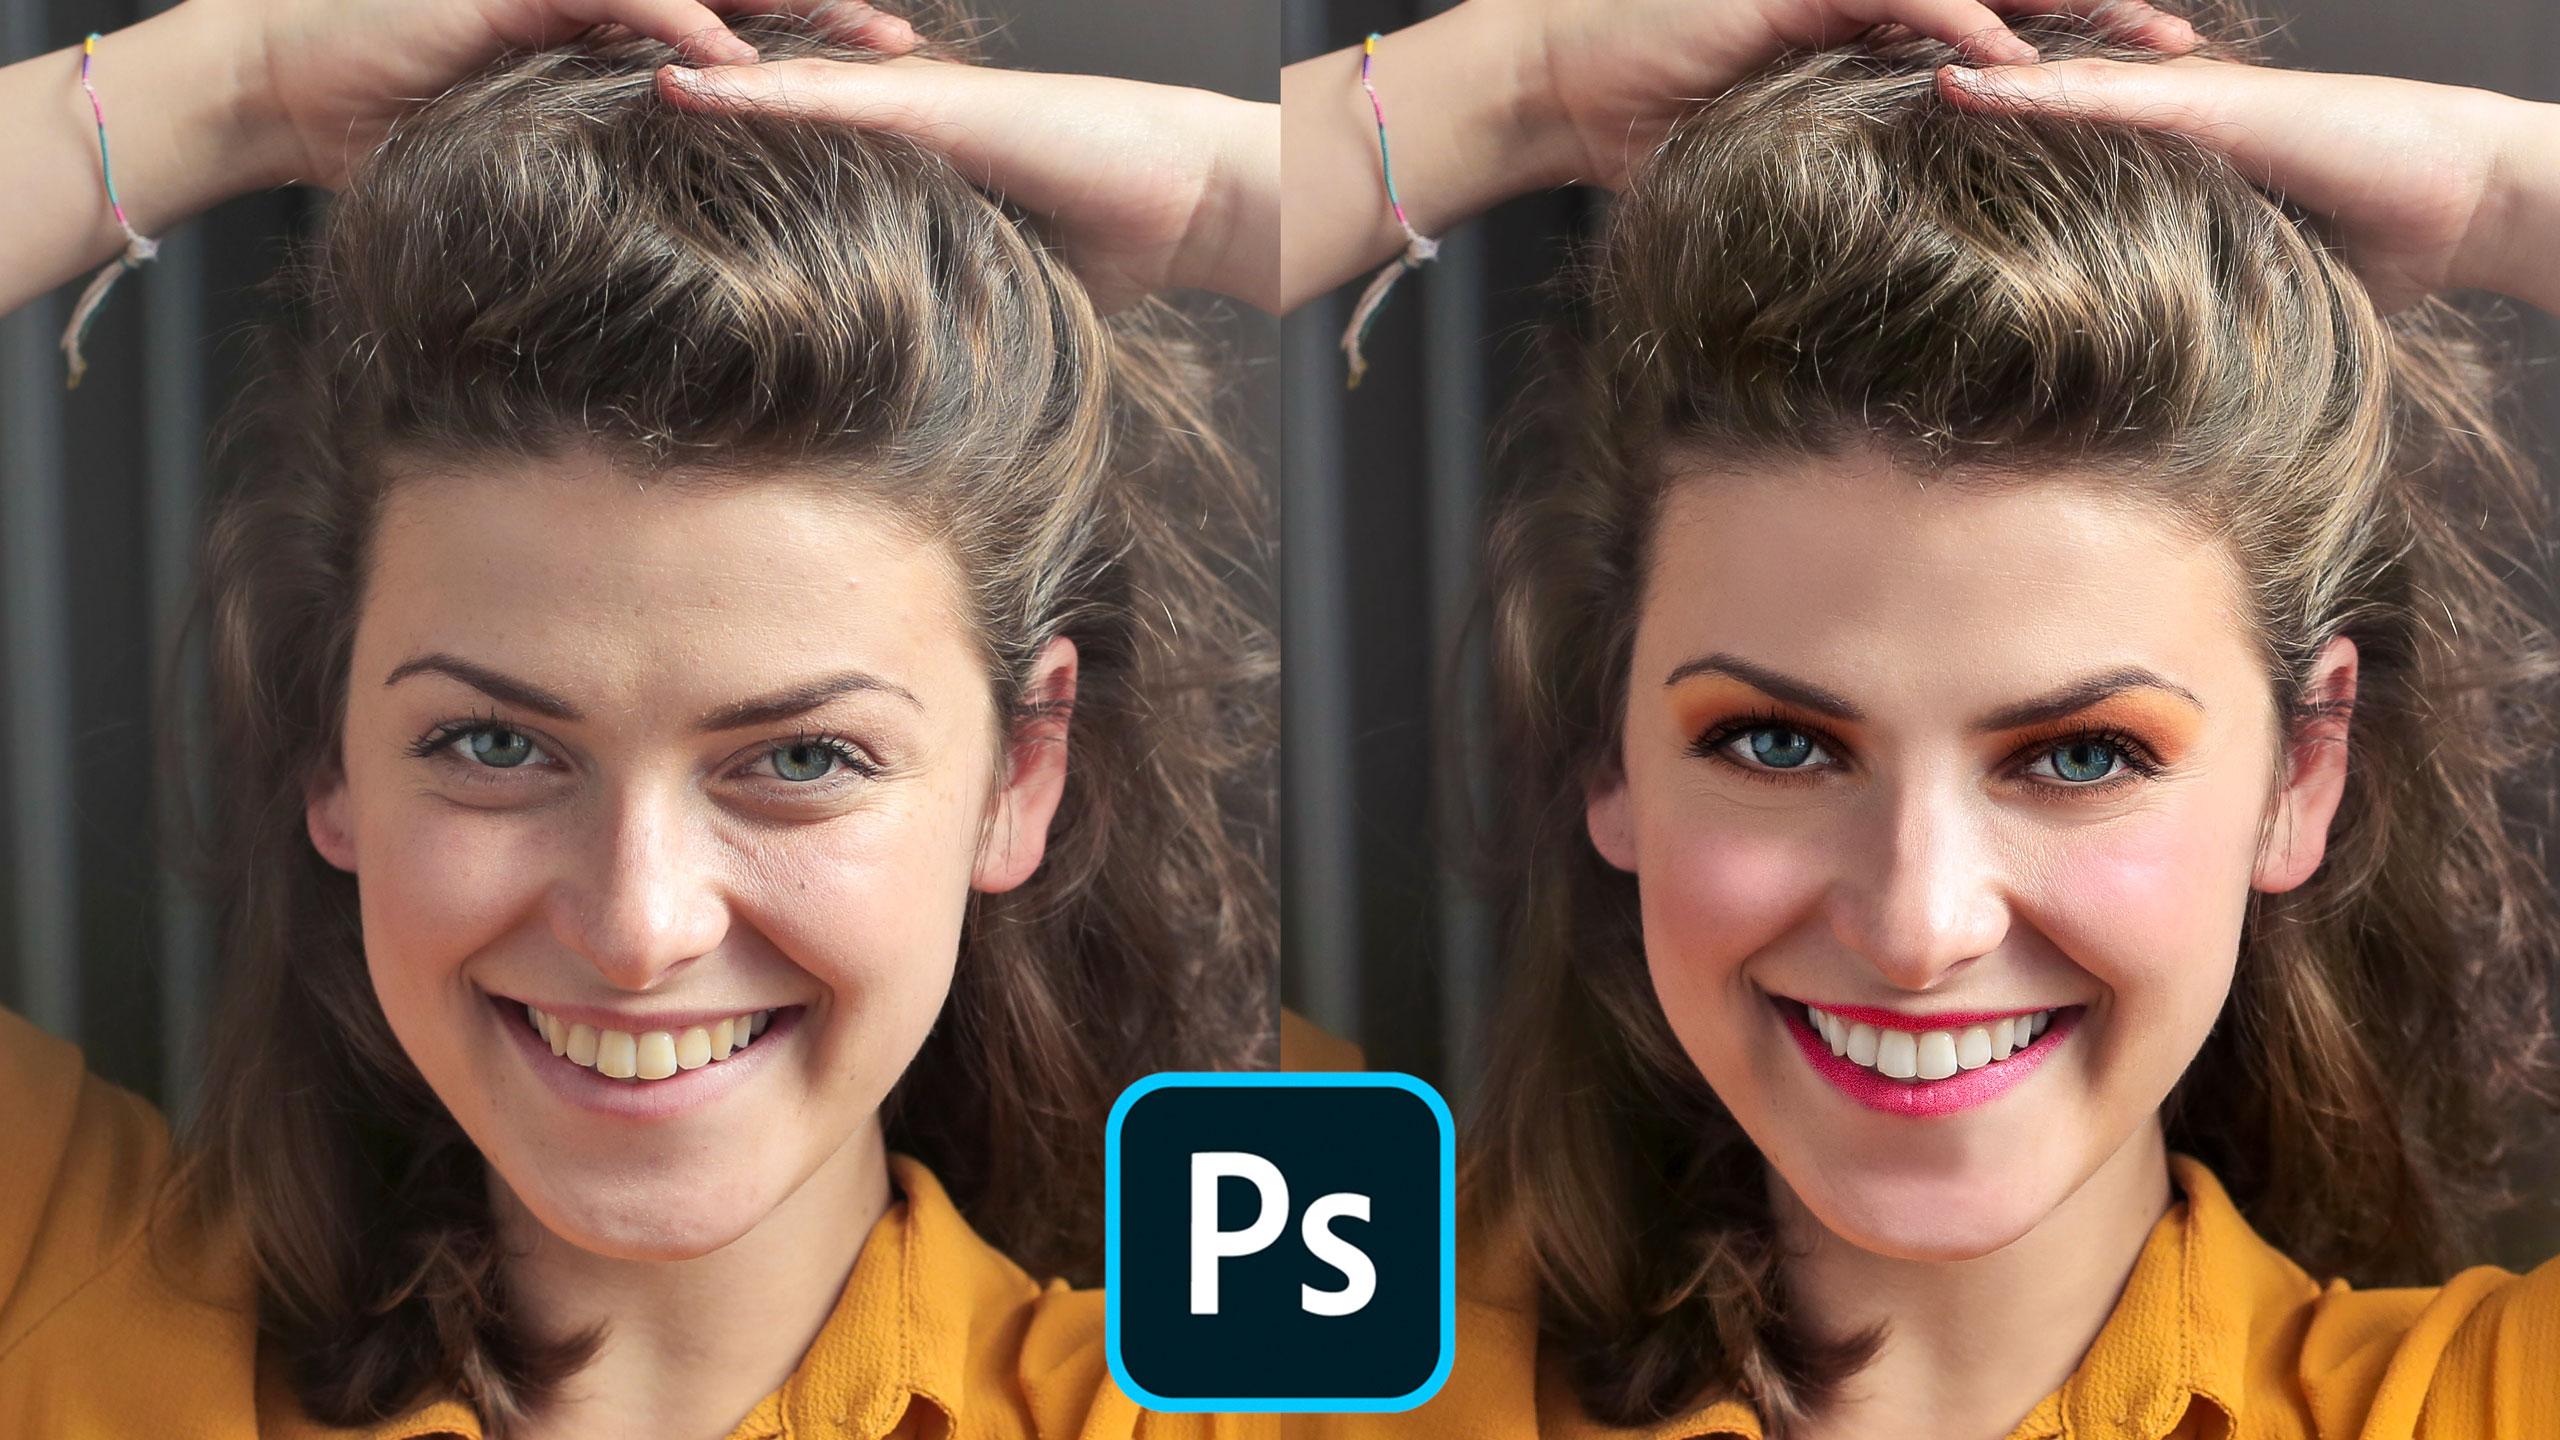 Curso Photoshop CC: Retoque de retratos y maquillaje digital